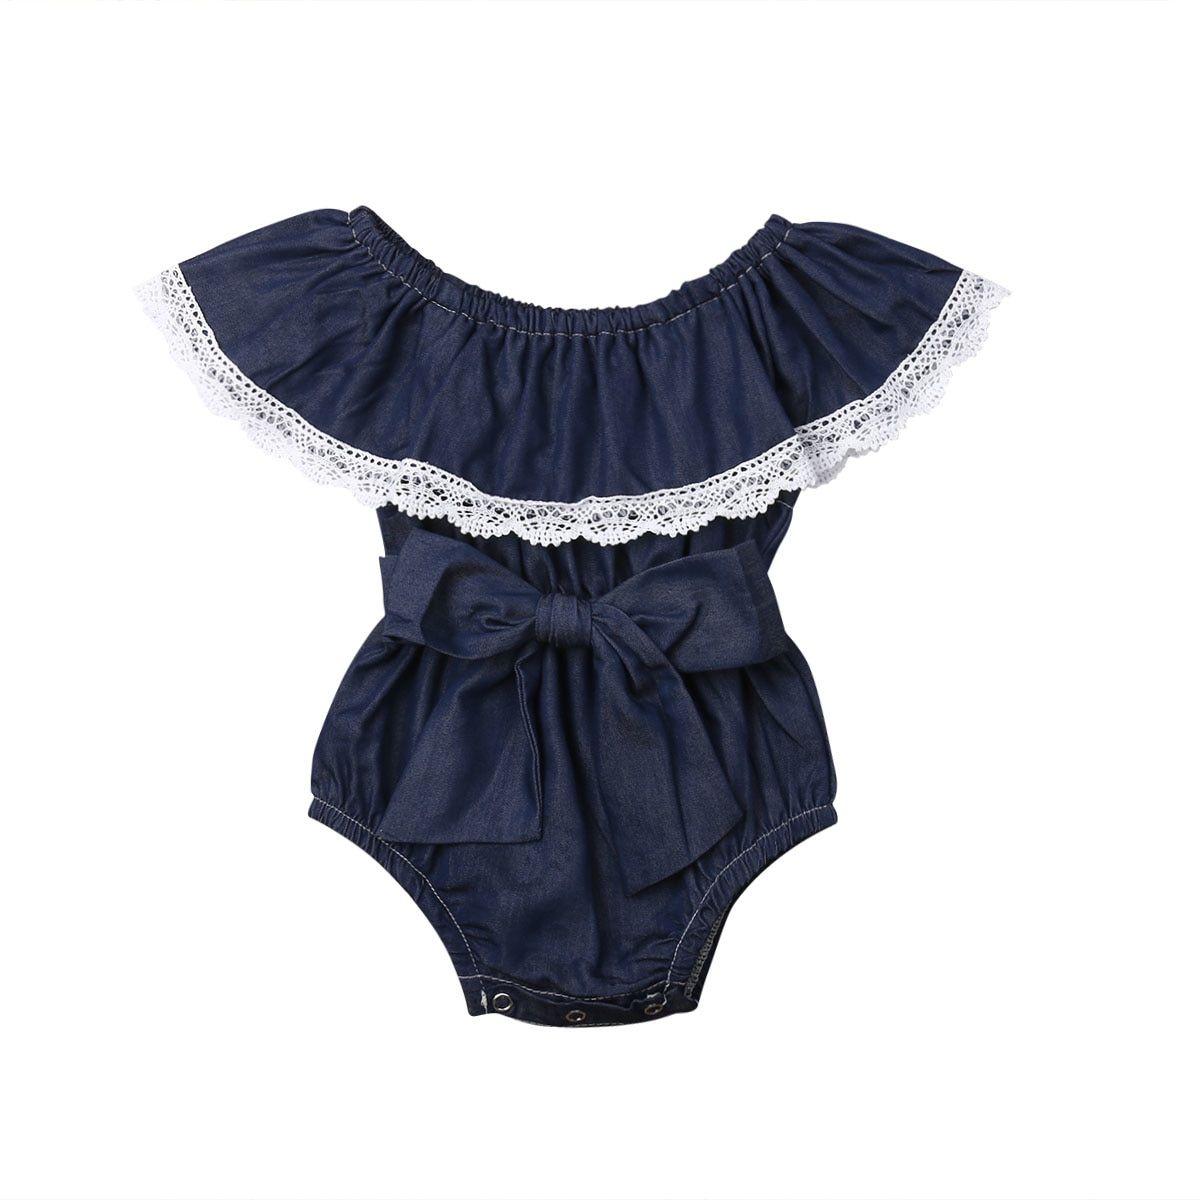 f02c2d9d6b9fb Infant Kid Baby Girl Lace Floral Demin Bodysuit Romper Jumpsuit ...